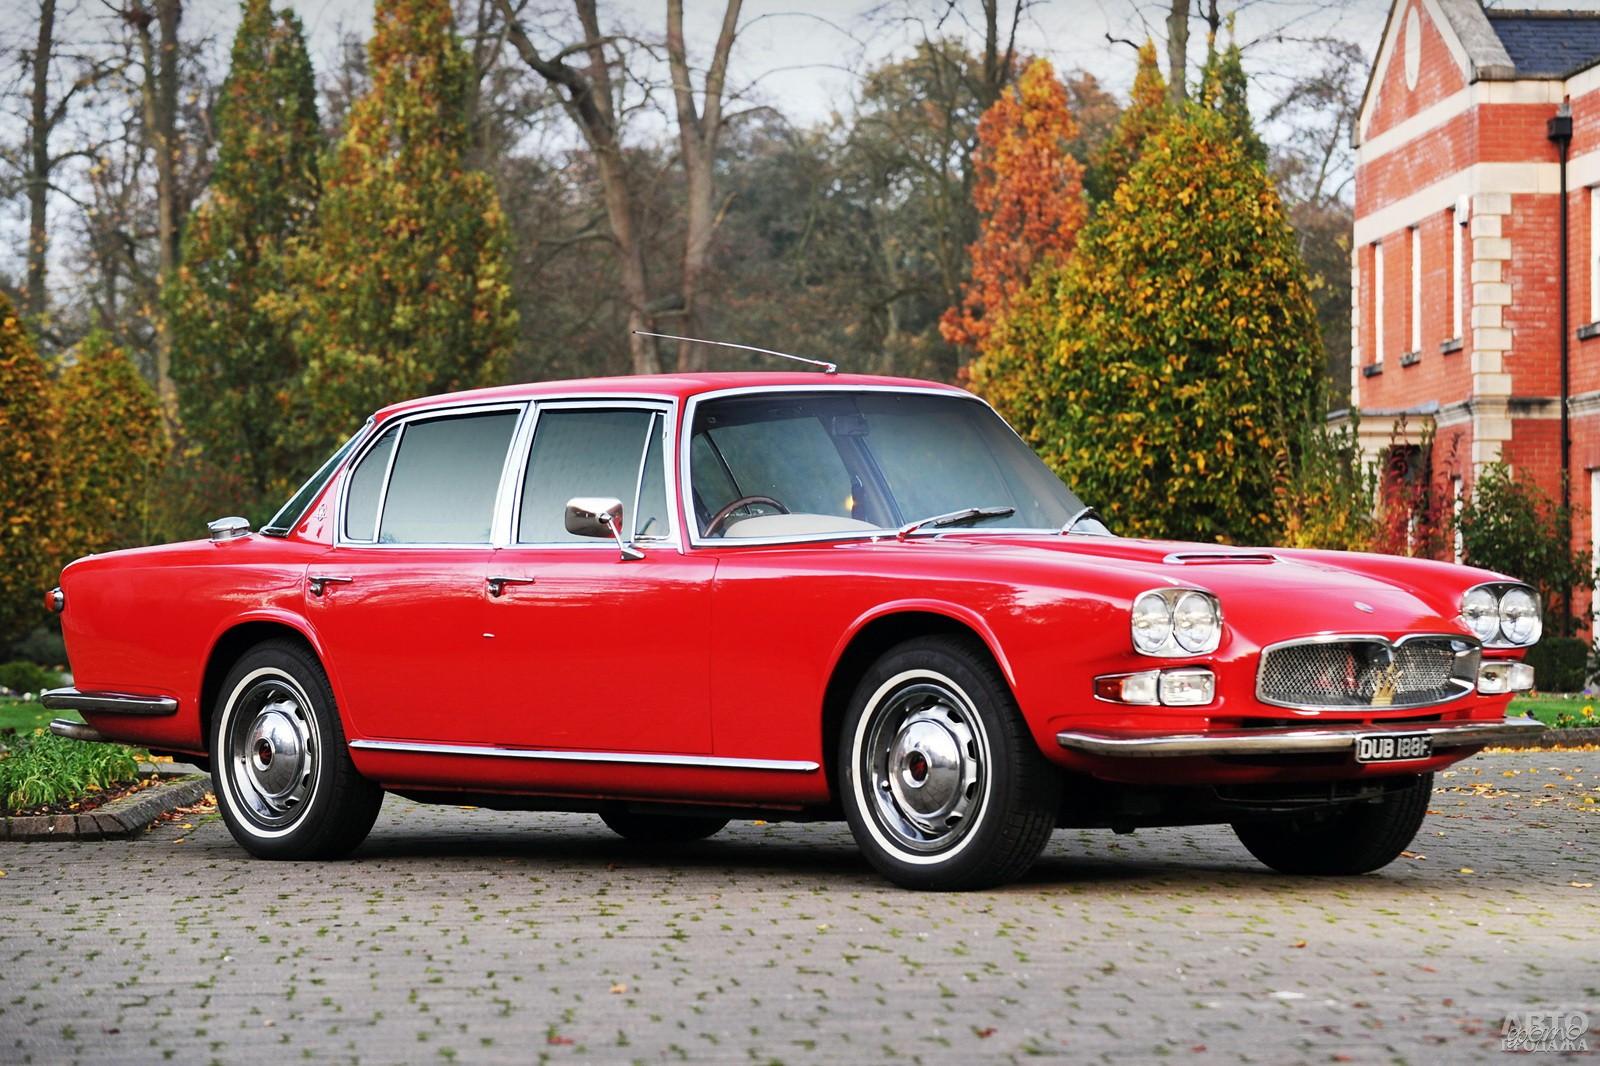 Mаserati Quattroporte 1966 года с более мощным 4,7-литровым V8